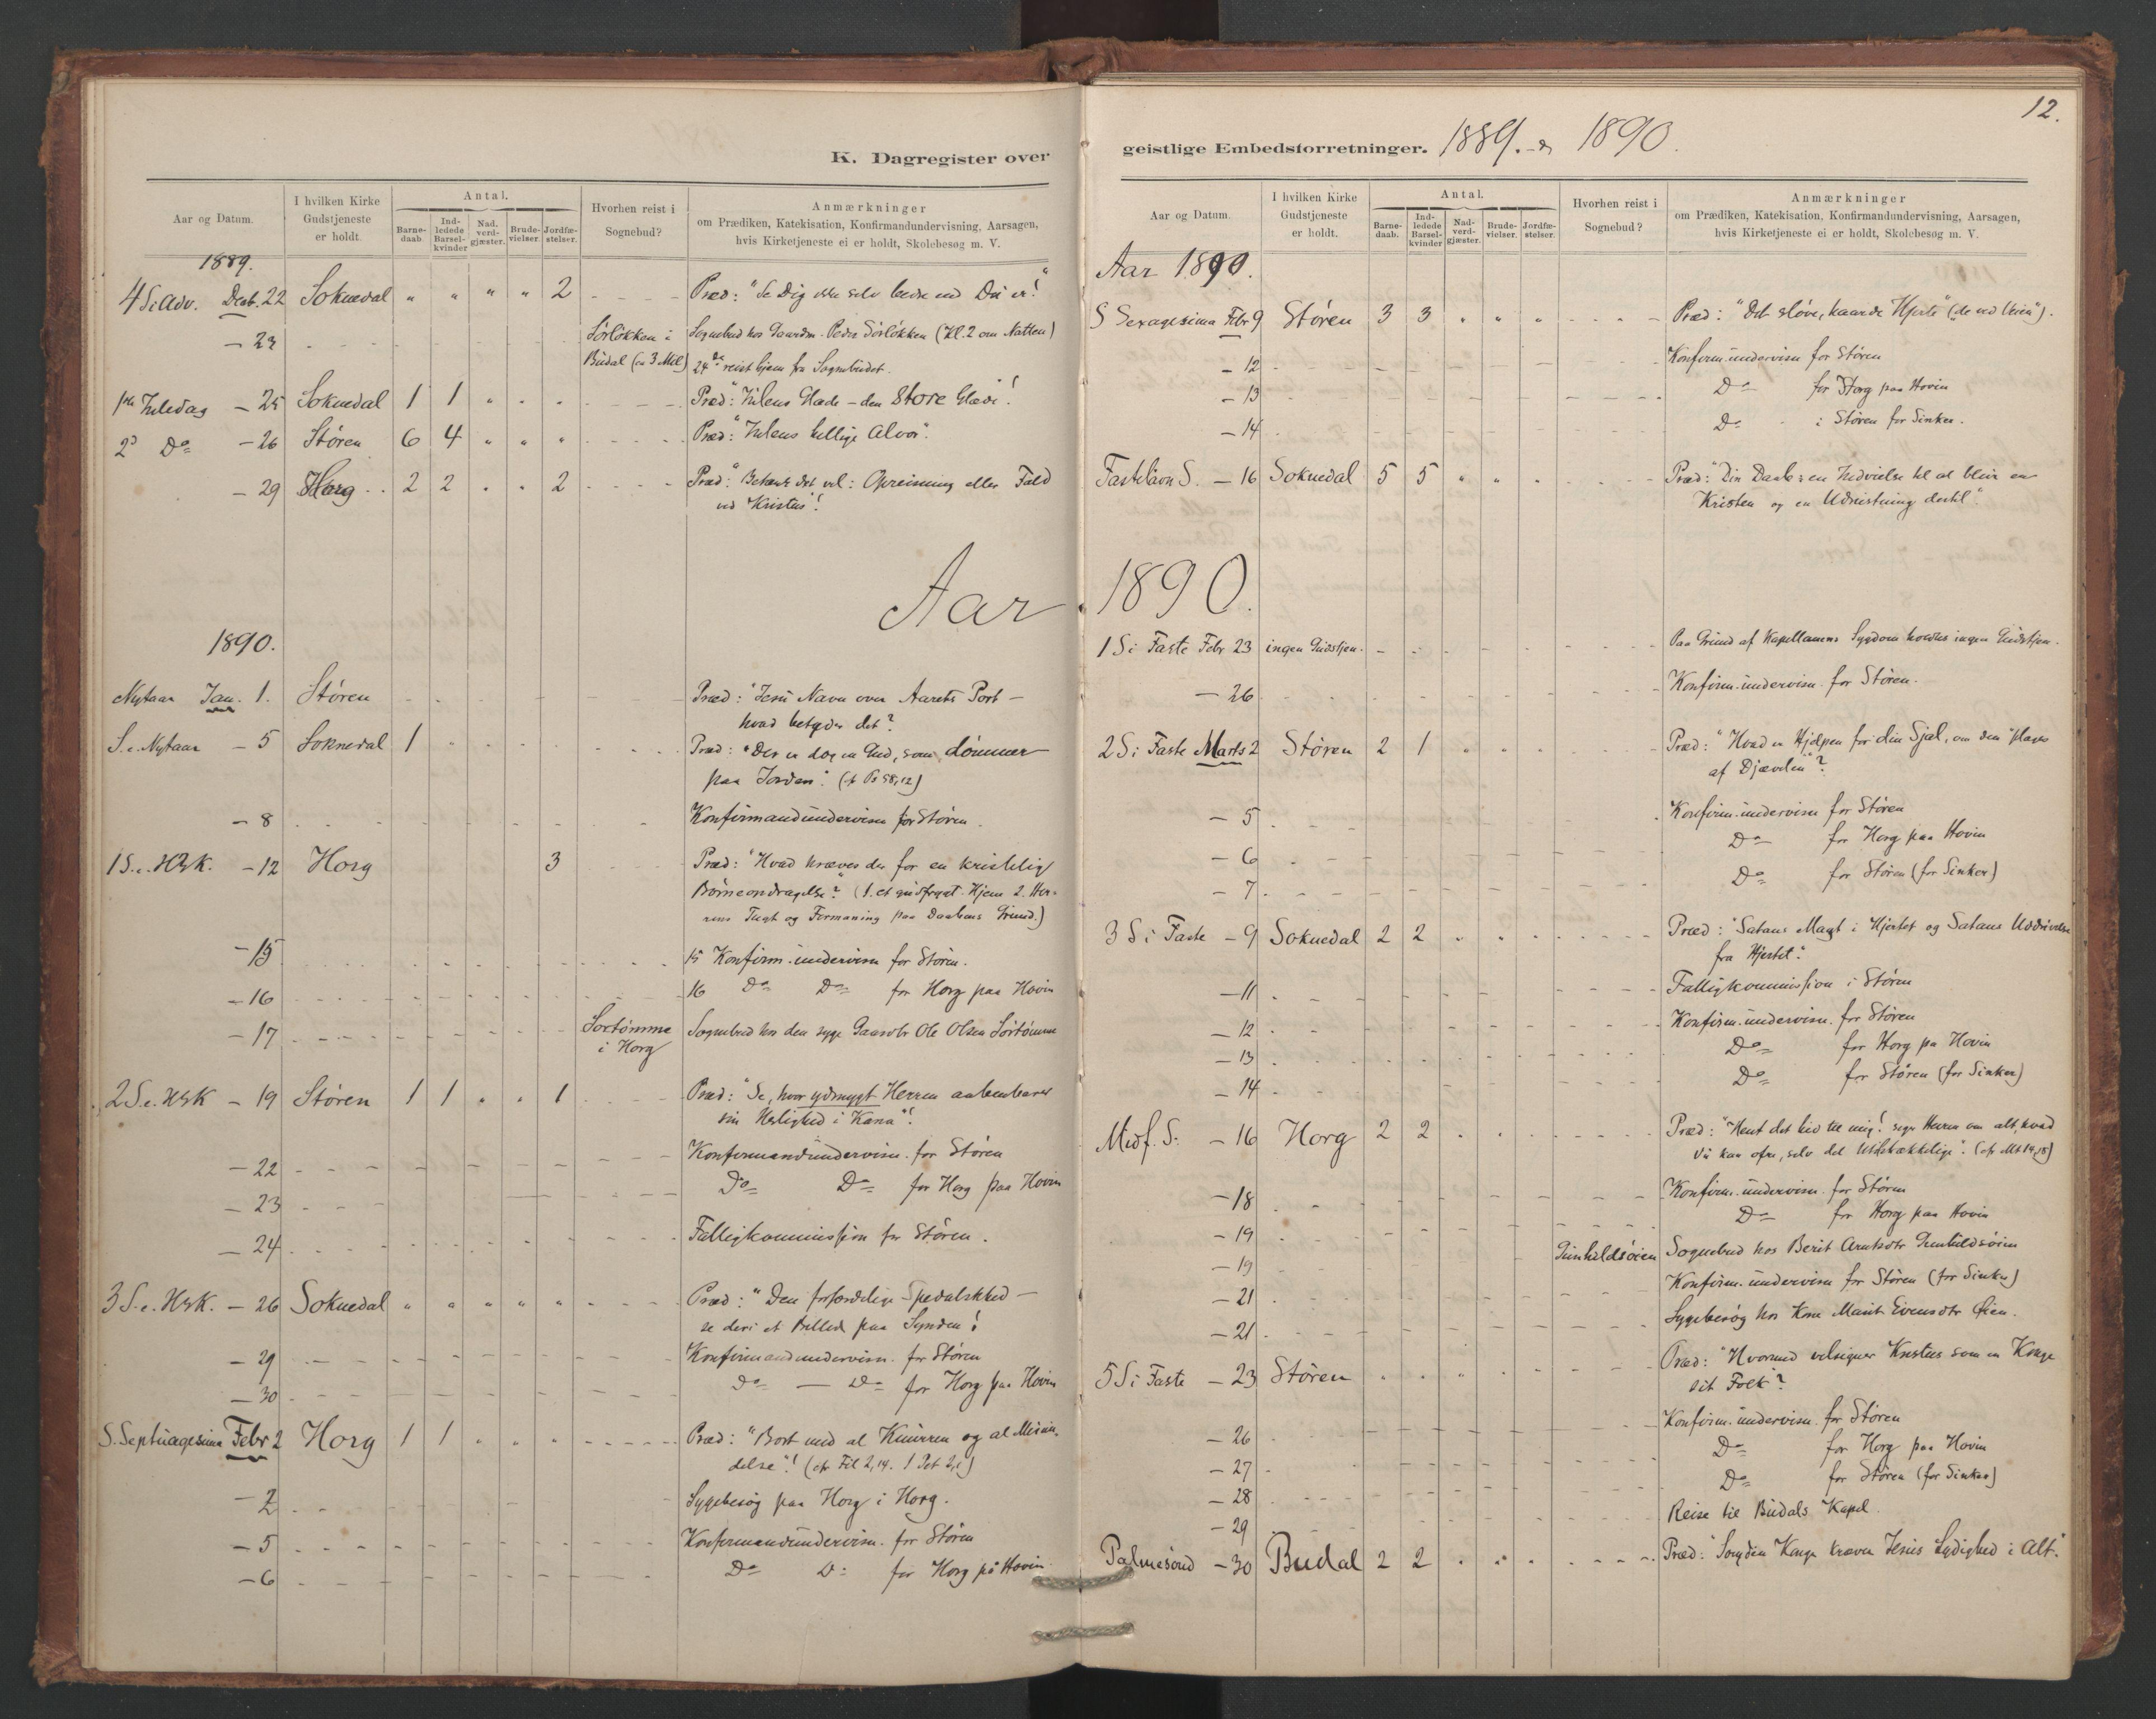 SAT, Ministerialprotokoller, klokkerbøker og fødselsregistre - Sør-Trøndelag, 687/L1012: Dagregister nr. 687B01, 1887-1914, s. 12